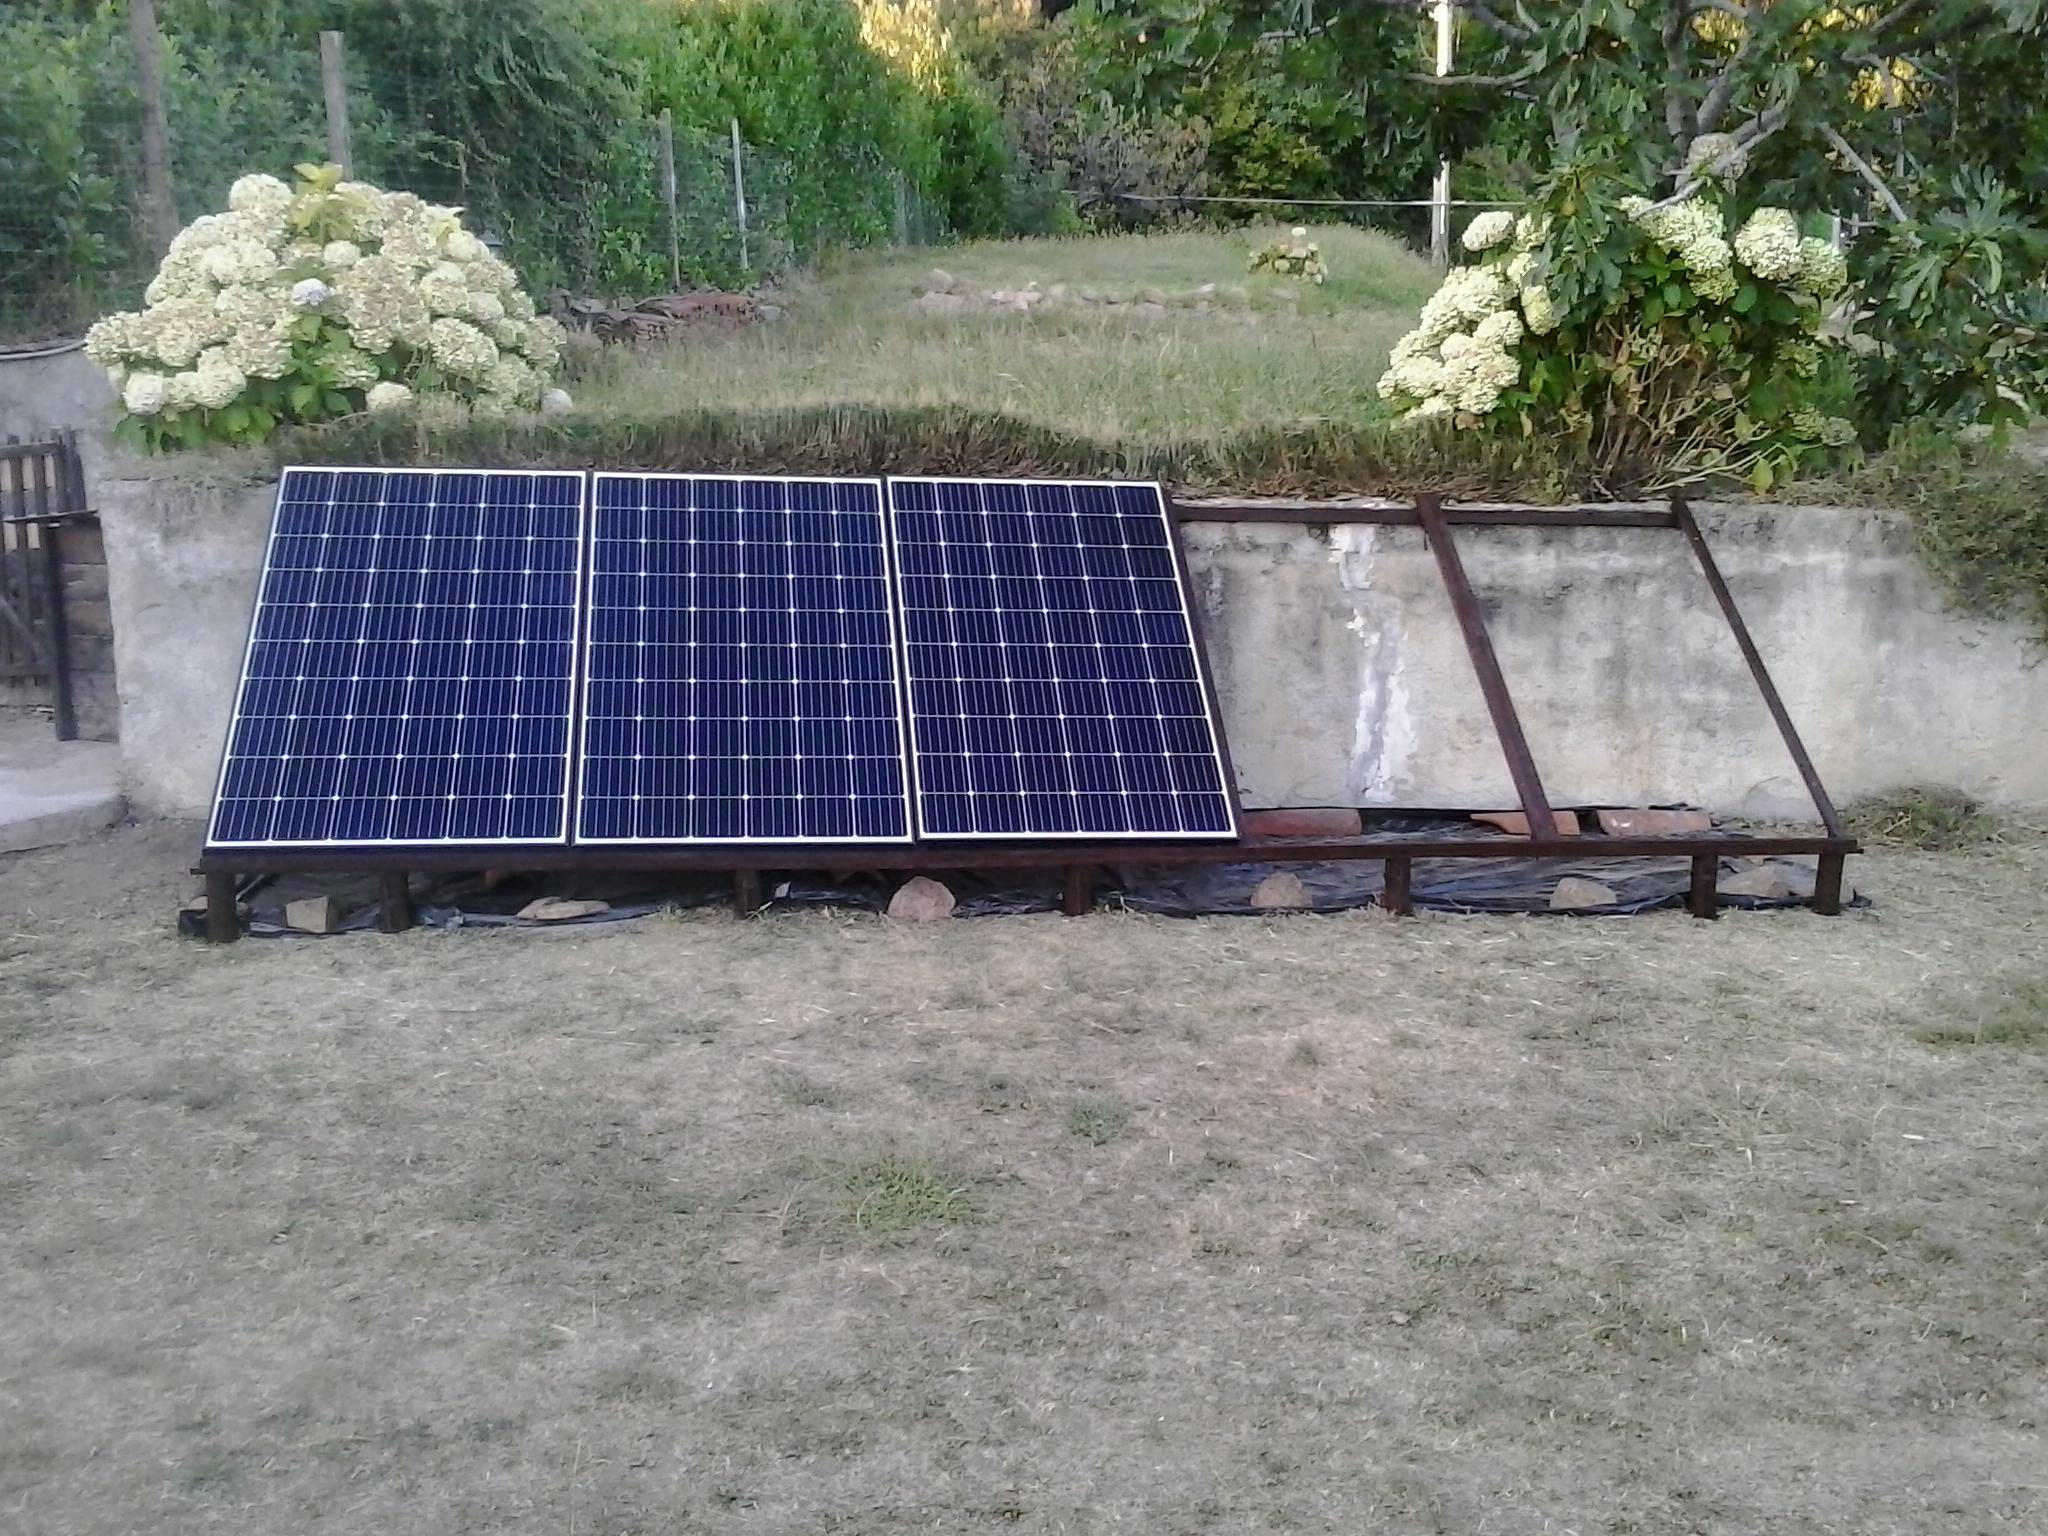 http://www.energialternativa.info/public/newforum/ForumEA/U/20120908_034911_1.jpg